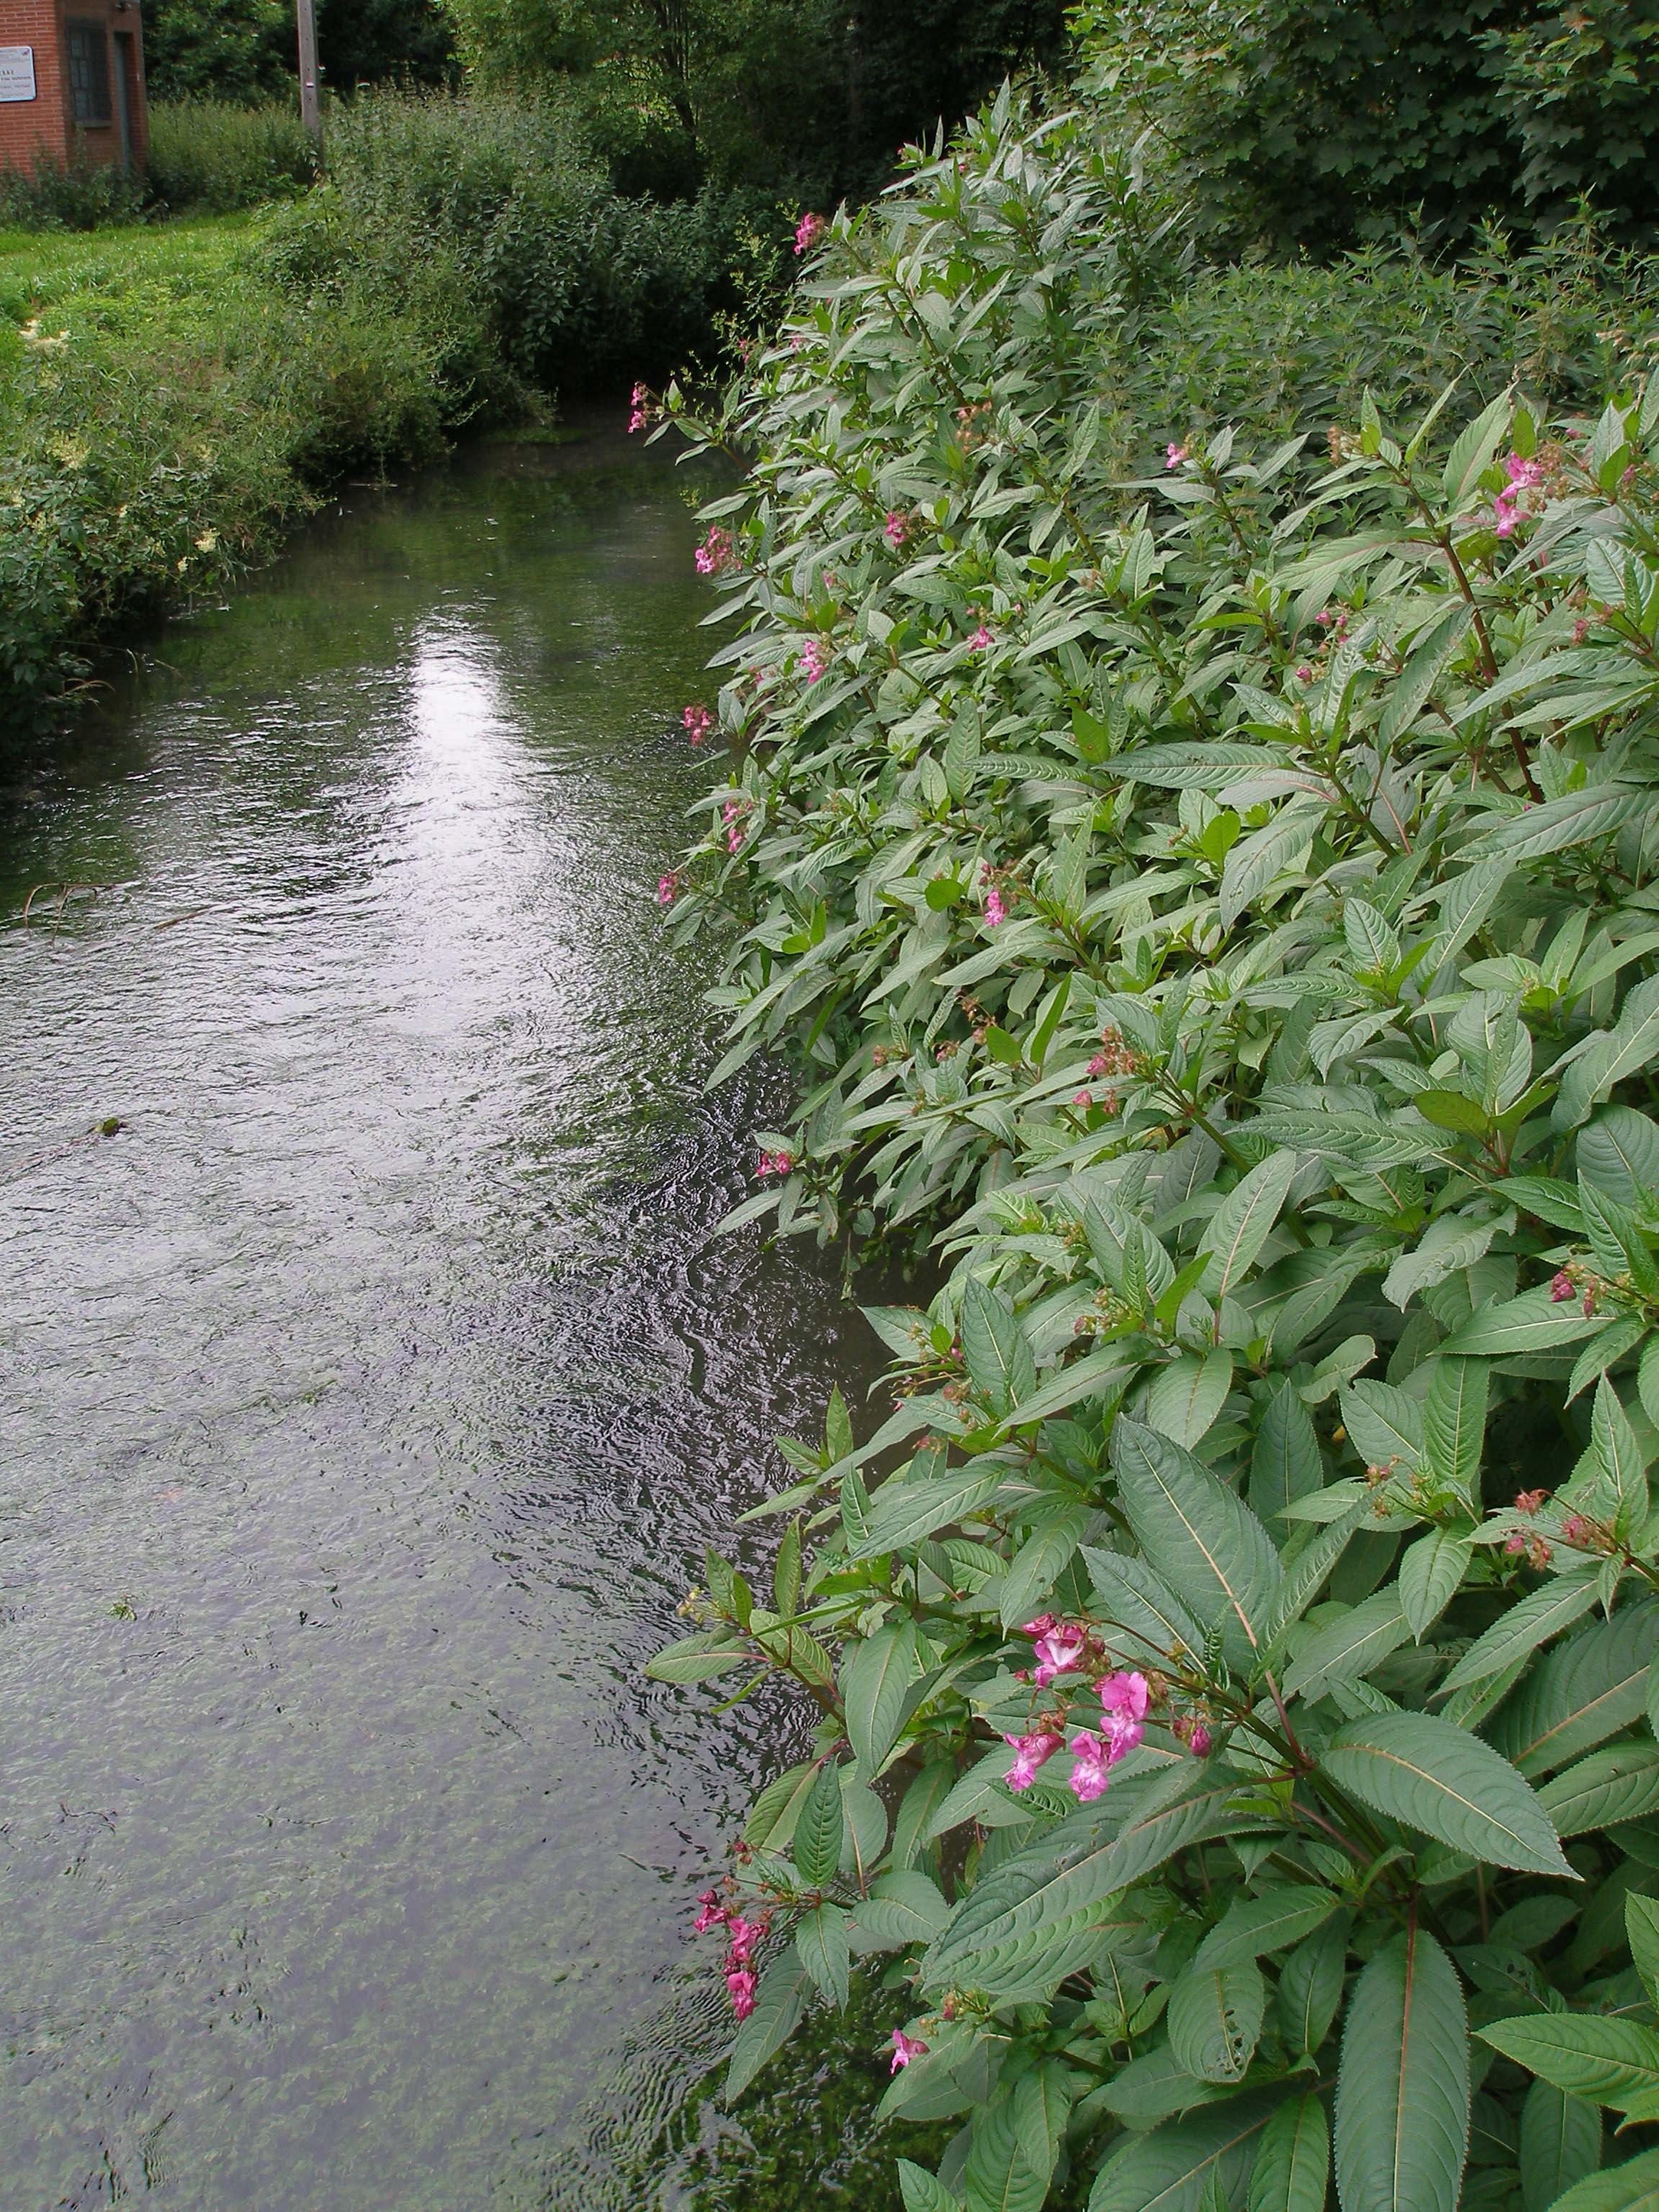 Engagement d'étudiants du 29 juin au 17 juillet 2020  pour le Contrat de Rivière Meuse Aval et affluents (CRMA)